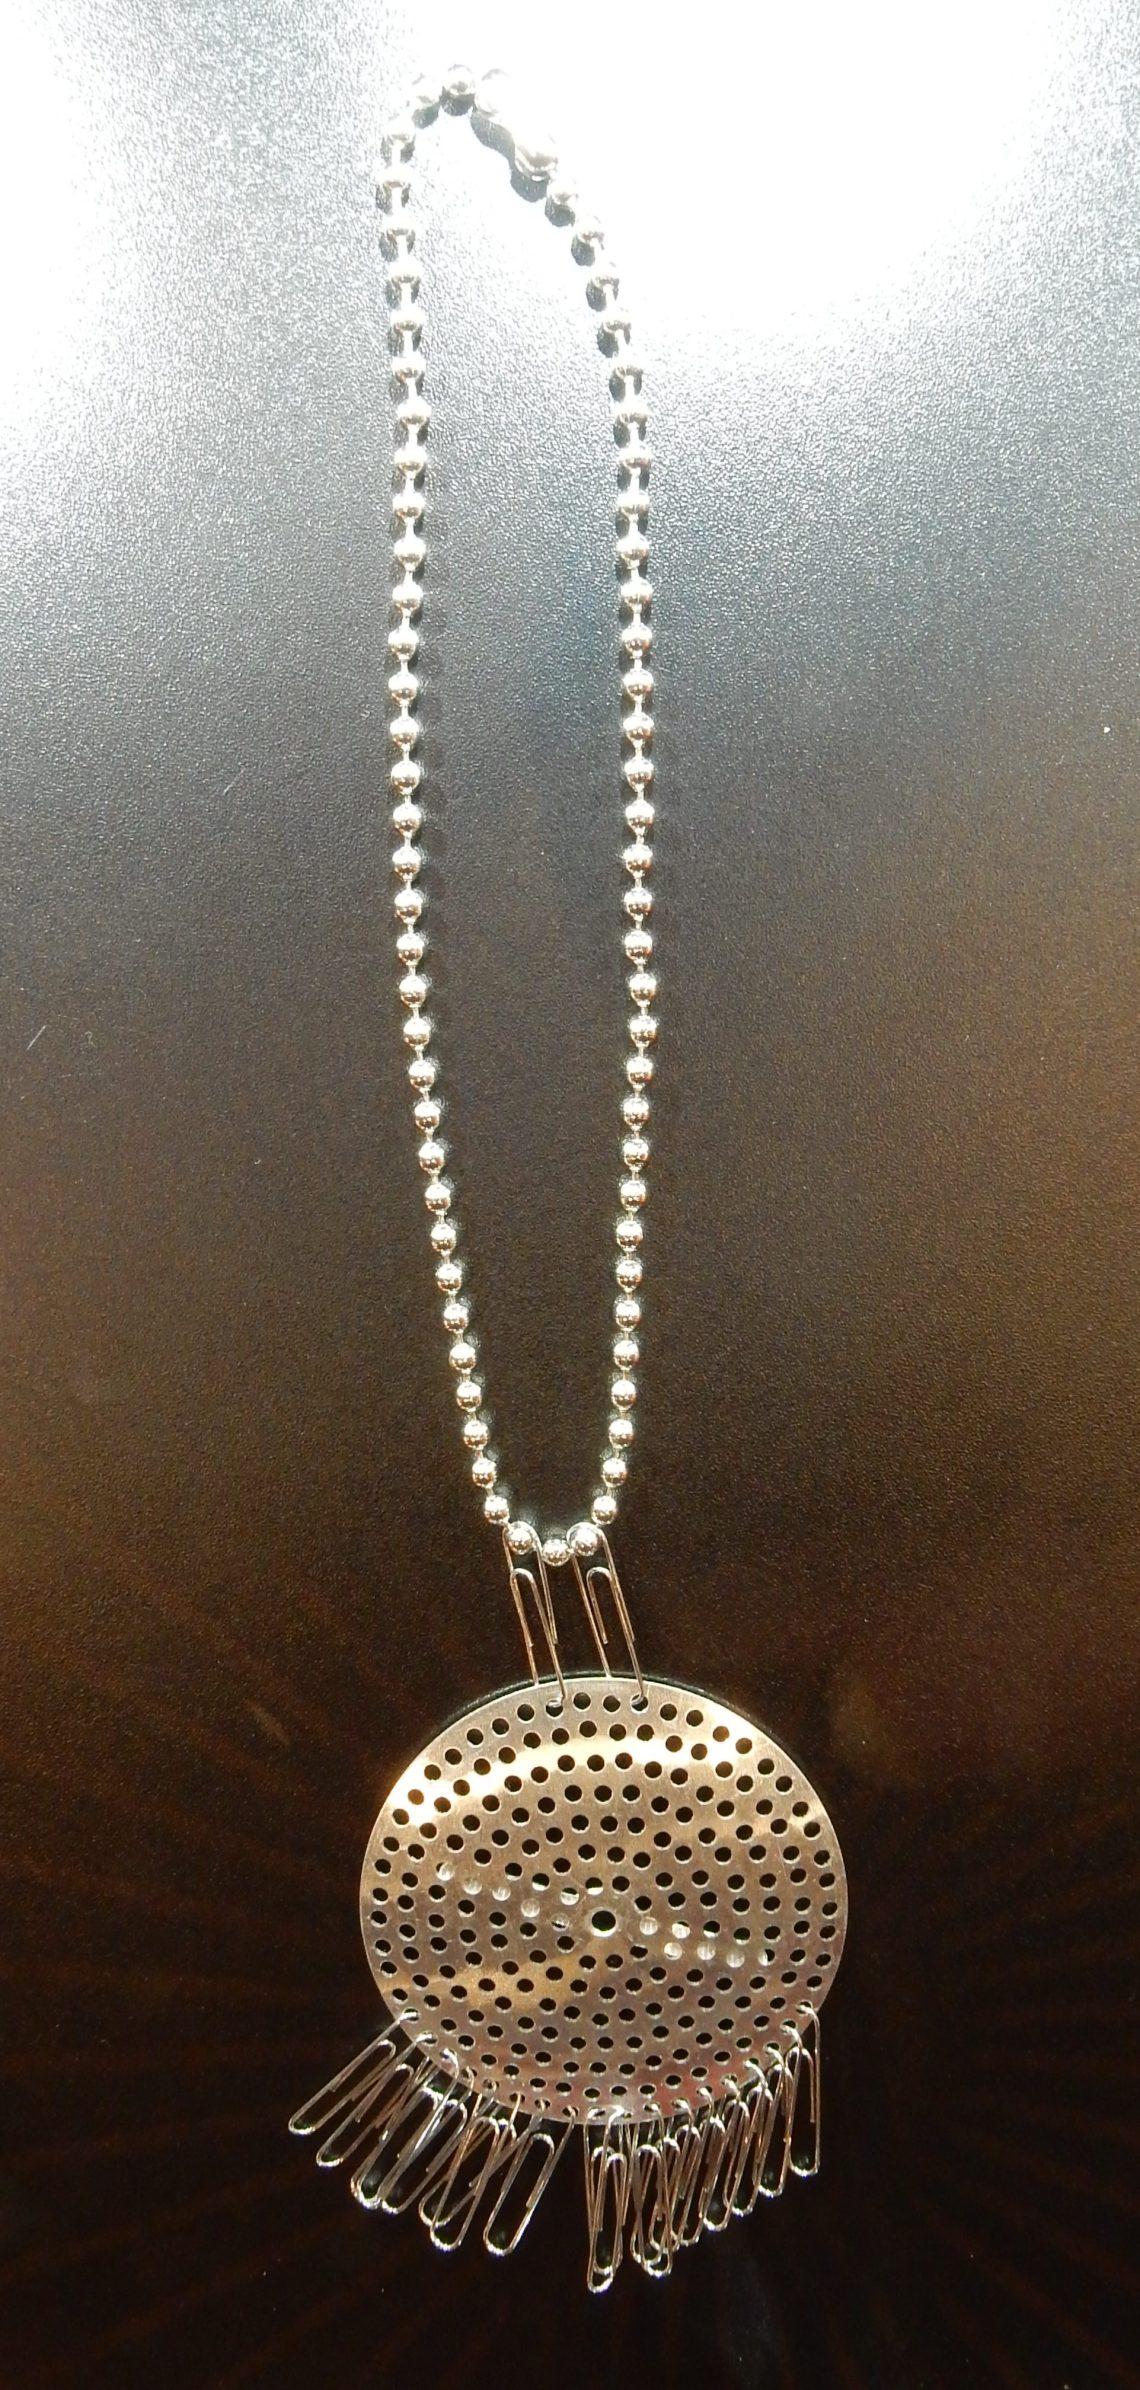 Anni Albers, Make your own necklace kit #2, halssieraad, 1941. Collectie Liesbeth den Besten. Schakels, Concept, SAF 2018. Foto Esther Doornbusch, CC BY 4.0